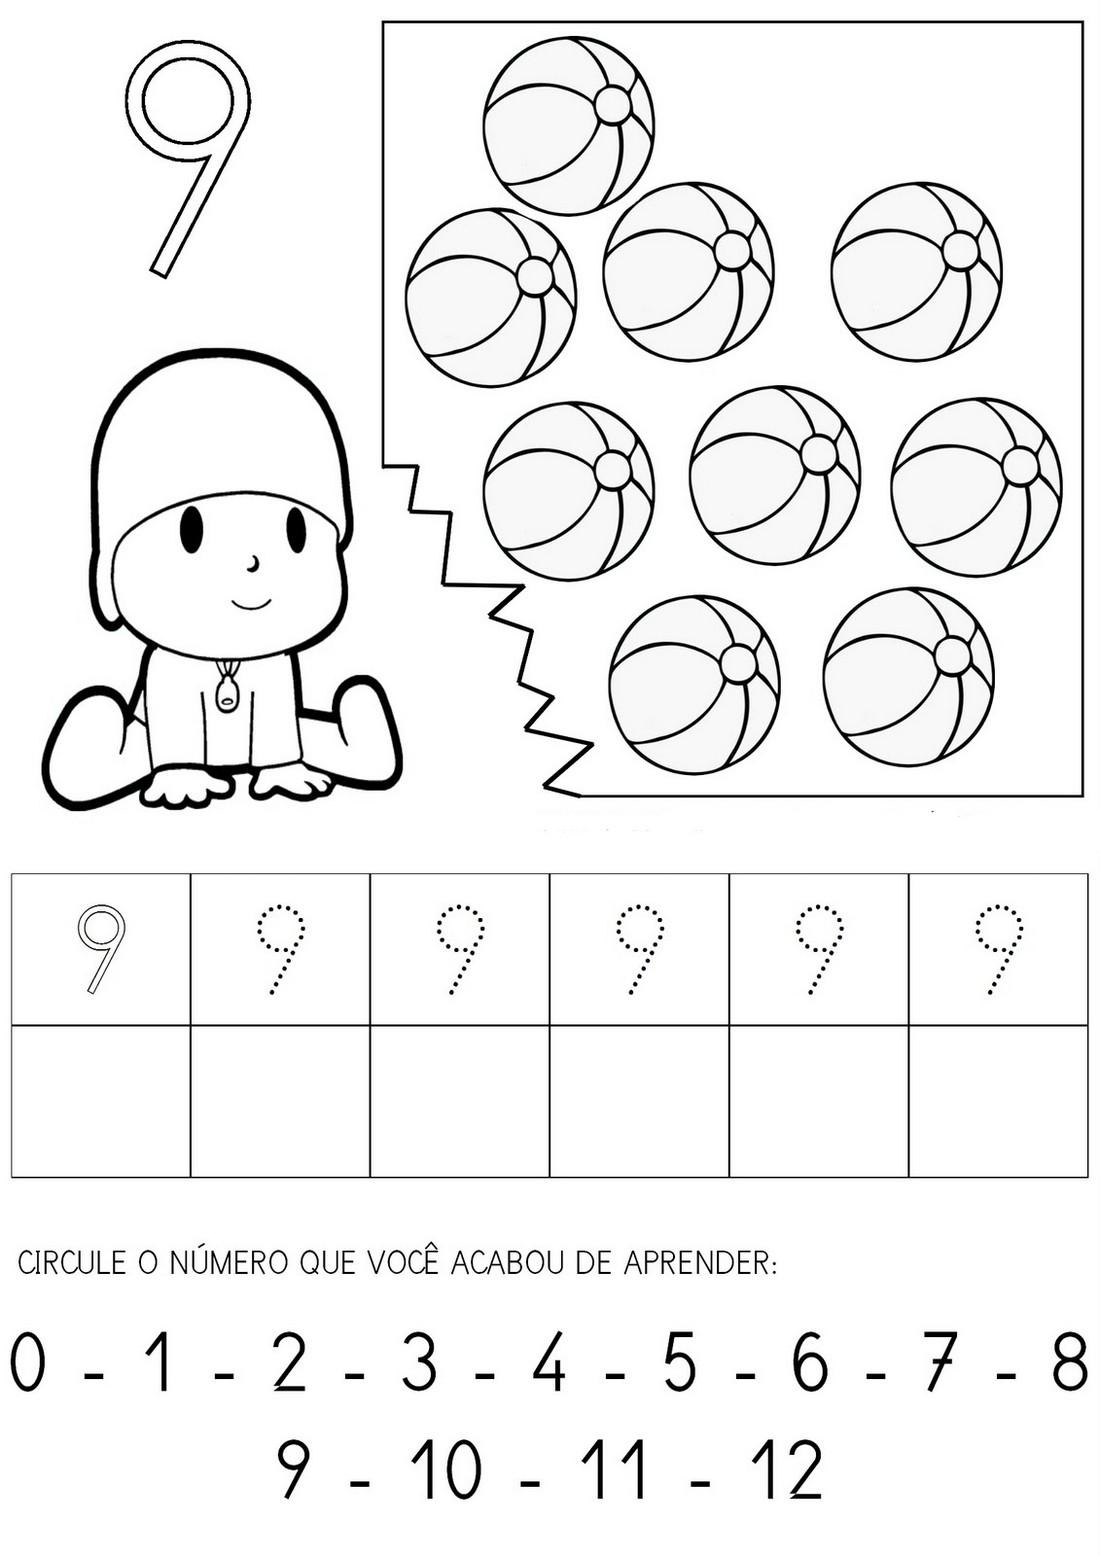 Atividades com numerais n meros para copiar e colorir atividades e desenhos - Trabajar en comedores escolares valencia ...